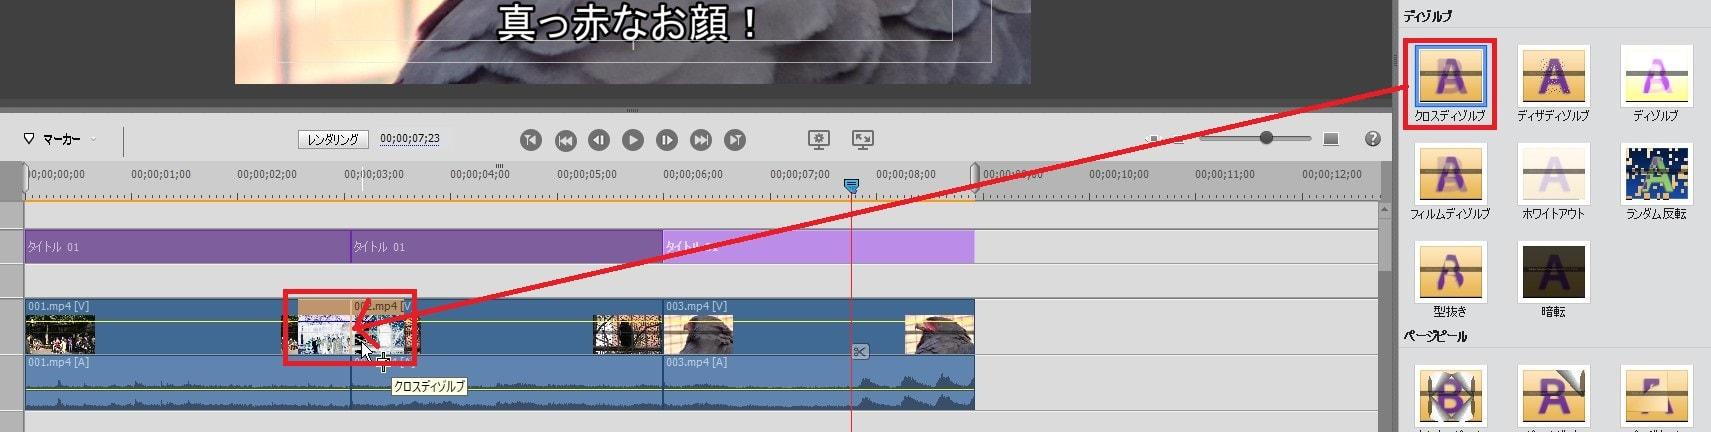 トランジションを挿入する方法 Adobe Premiere Elements2019の使い方(1) 機能の紹介 動画編集ソフト アドビプレミアエレメンツ入門